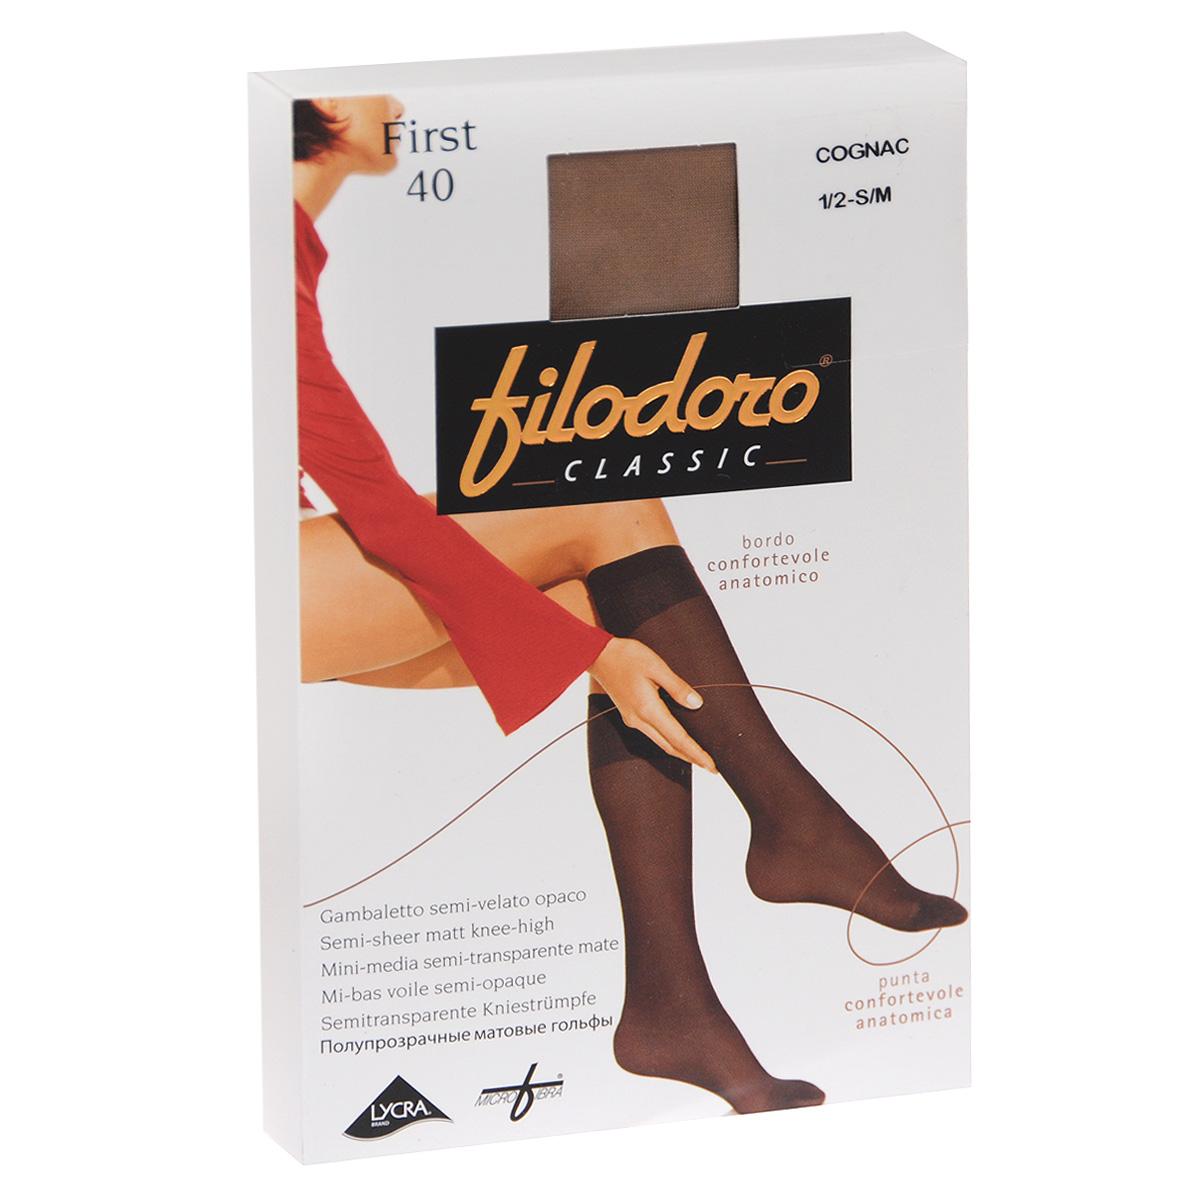 Гольфы женские Filodoro Classic First 40, цвет: Cognac (загар). C110309FC. Размер 1/2 (S/M) filodoro classic filodoro classic cotton warm grigio melange